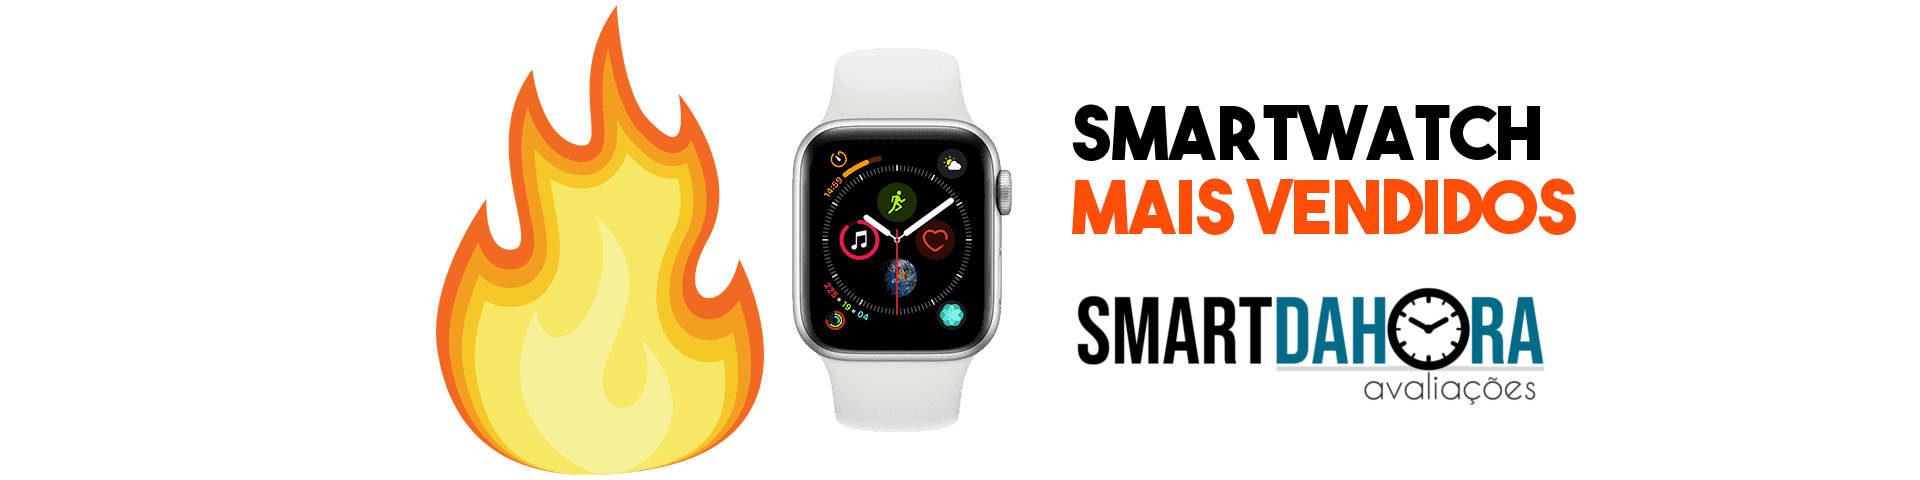 smartwatch mais vendidos